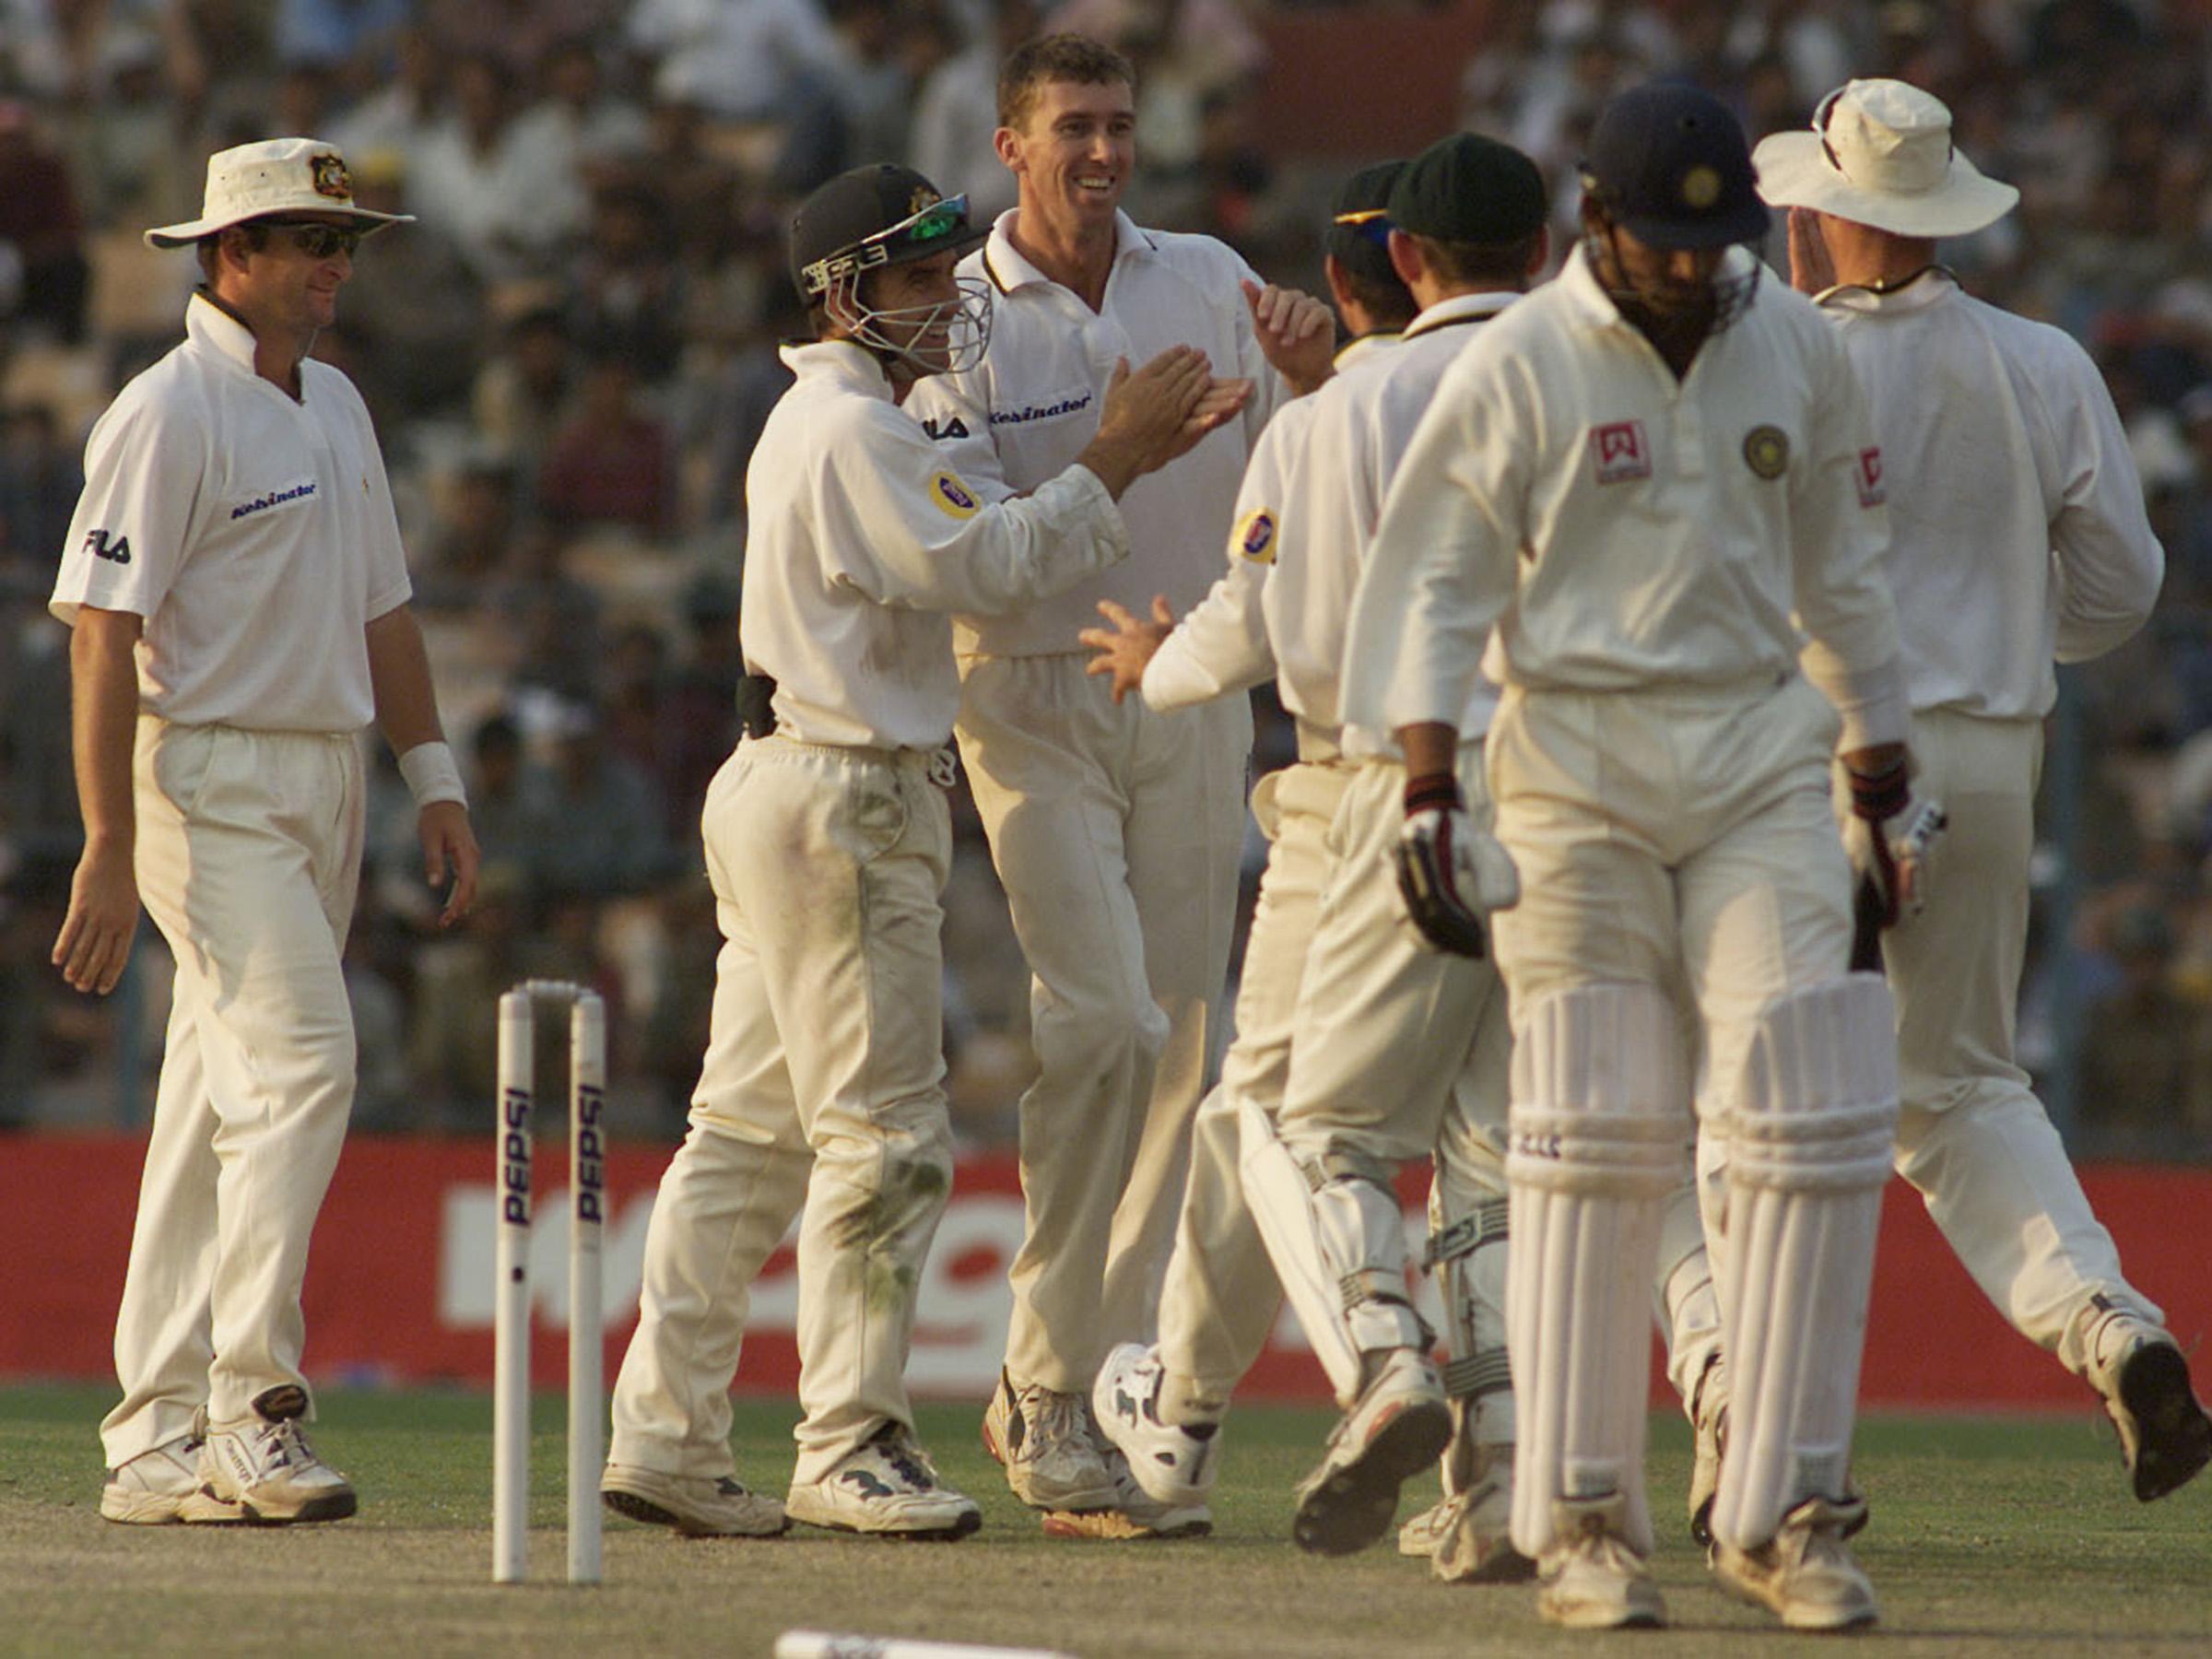 McGrath and Australia dominated the start of the Kolkata Test // Getty